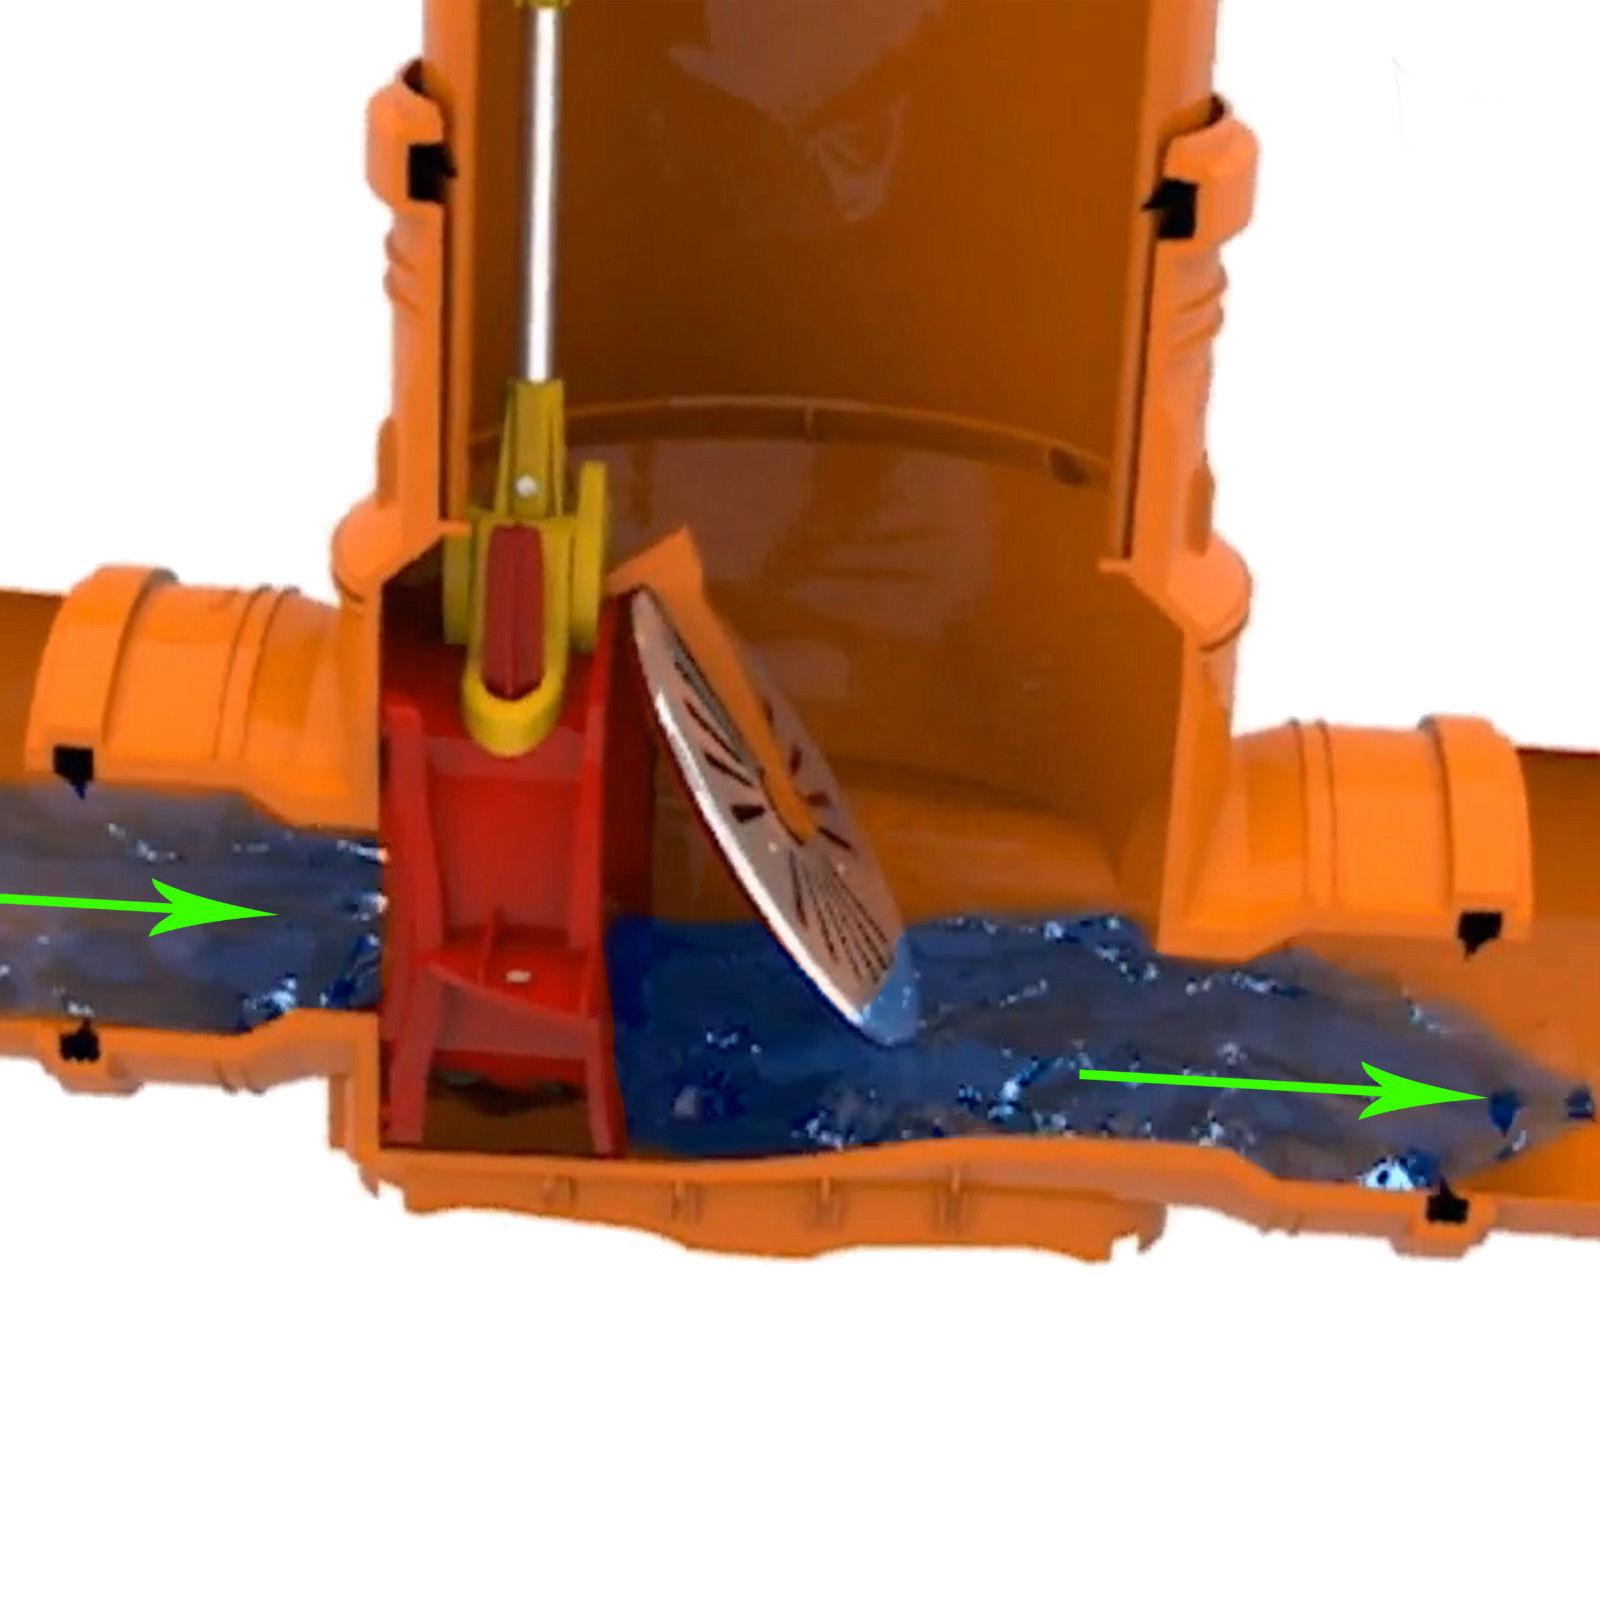 Favorit Kontrollschacht Revisionsschacht DN400 Rückstauklappe 2 x Ø160 mm RZ33